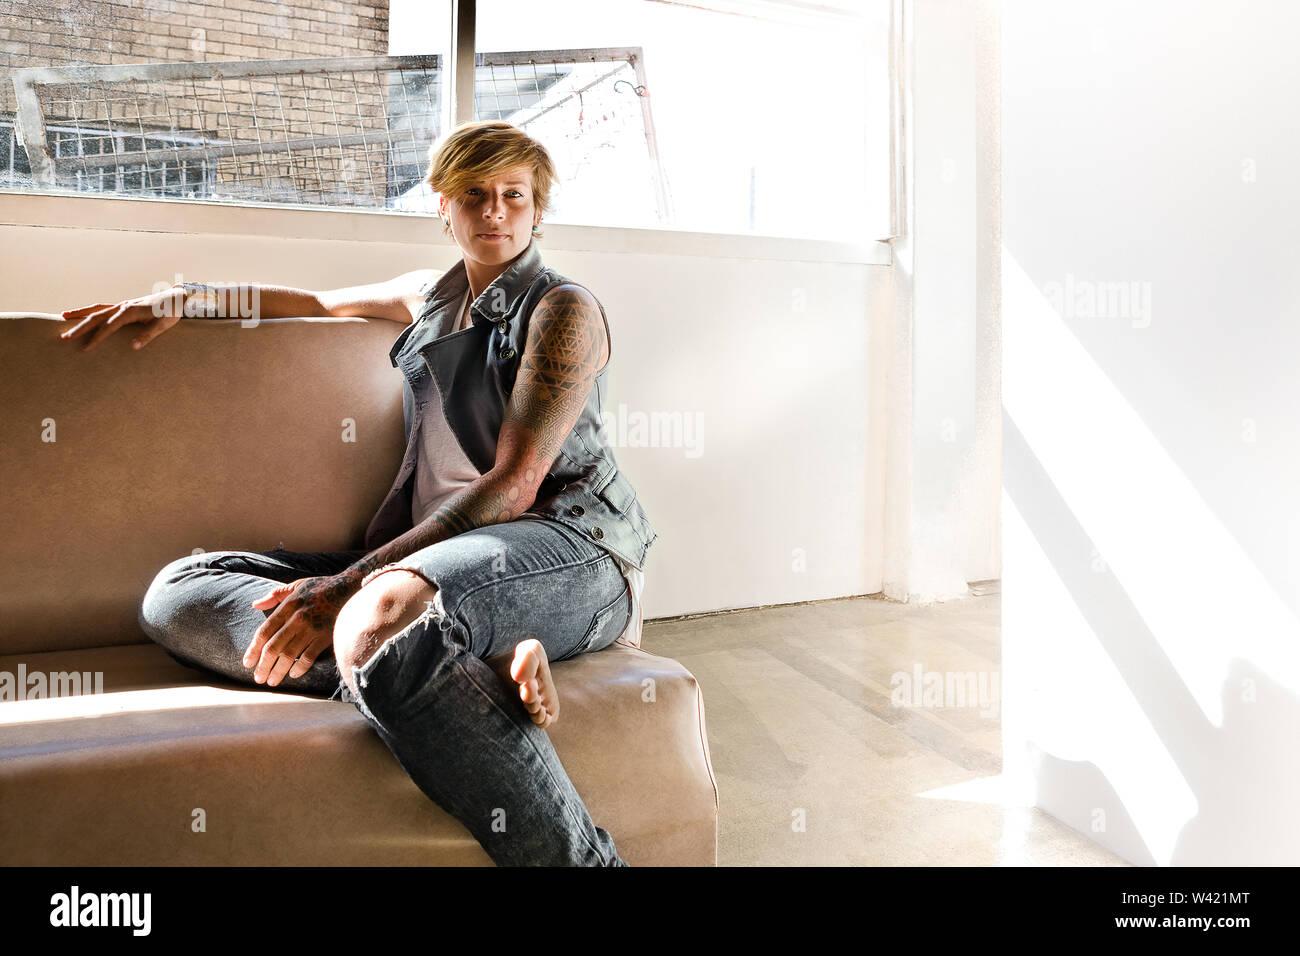 Belle femme avec un tatouage assis sur une chaise et à l'avant dans une chambre avec des murs blancs, à côté d'une fenêtre qui a montré l'extérieur Photo Stock